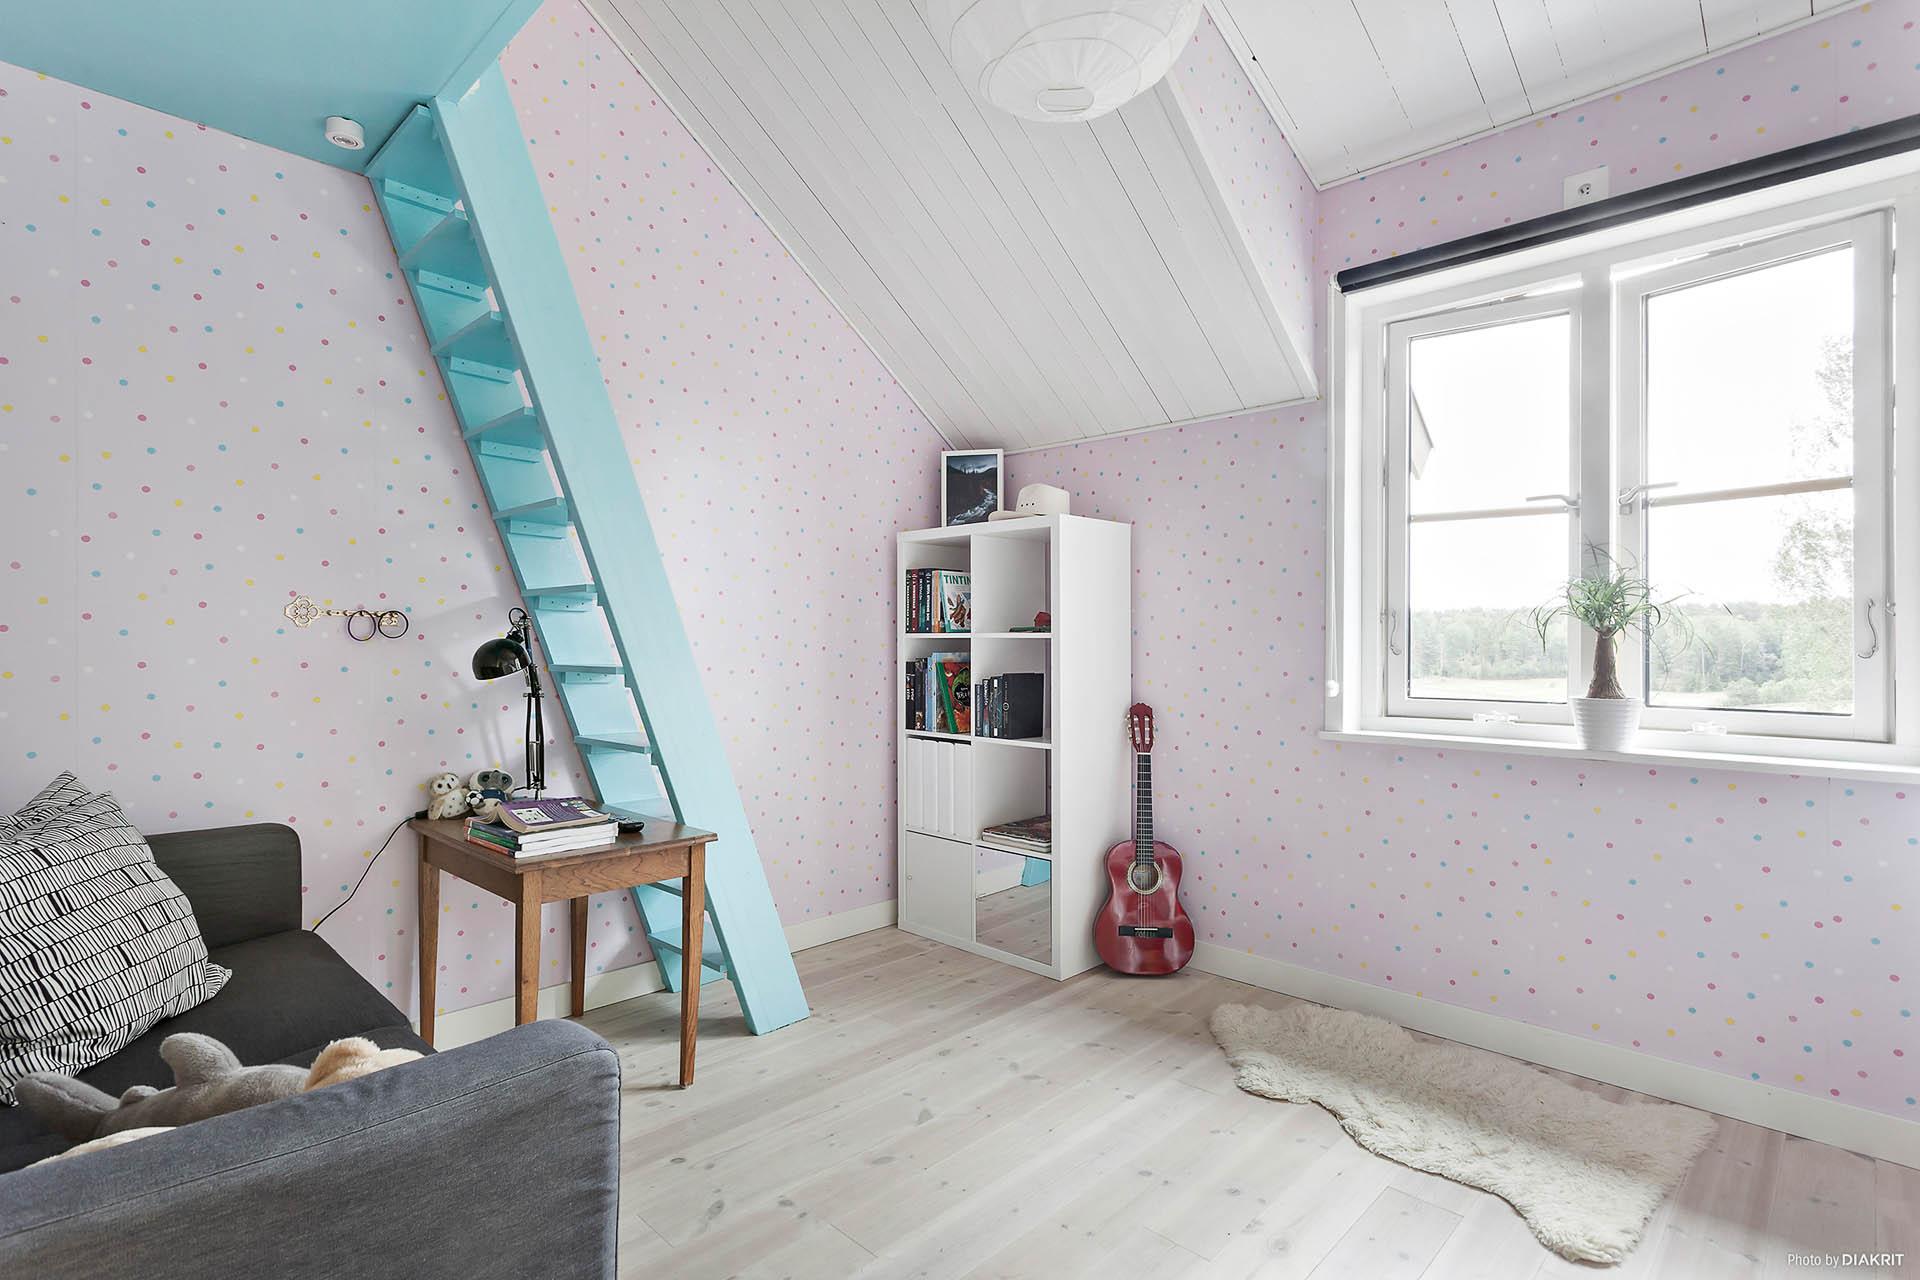 Sovrum 3 med loft